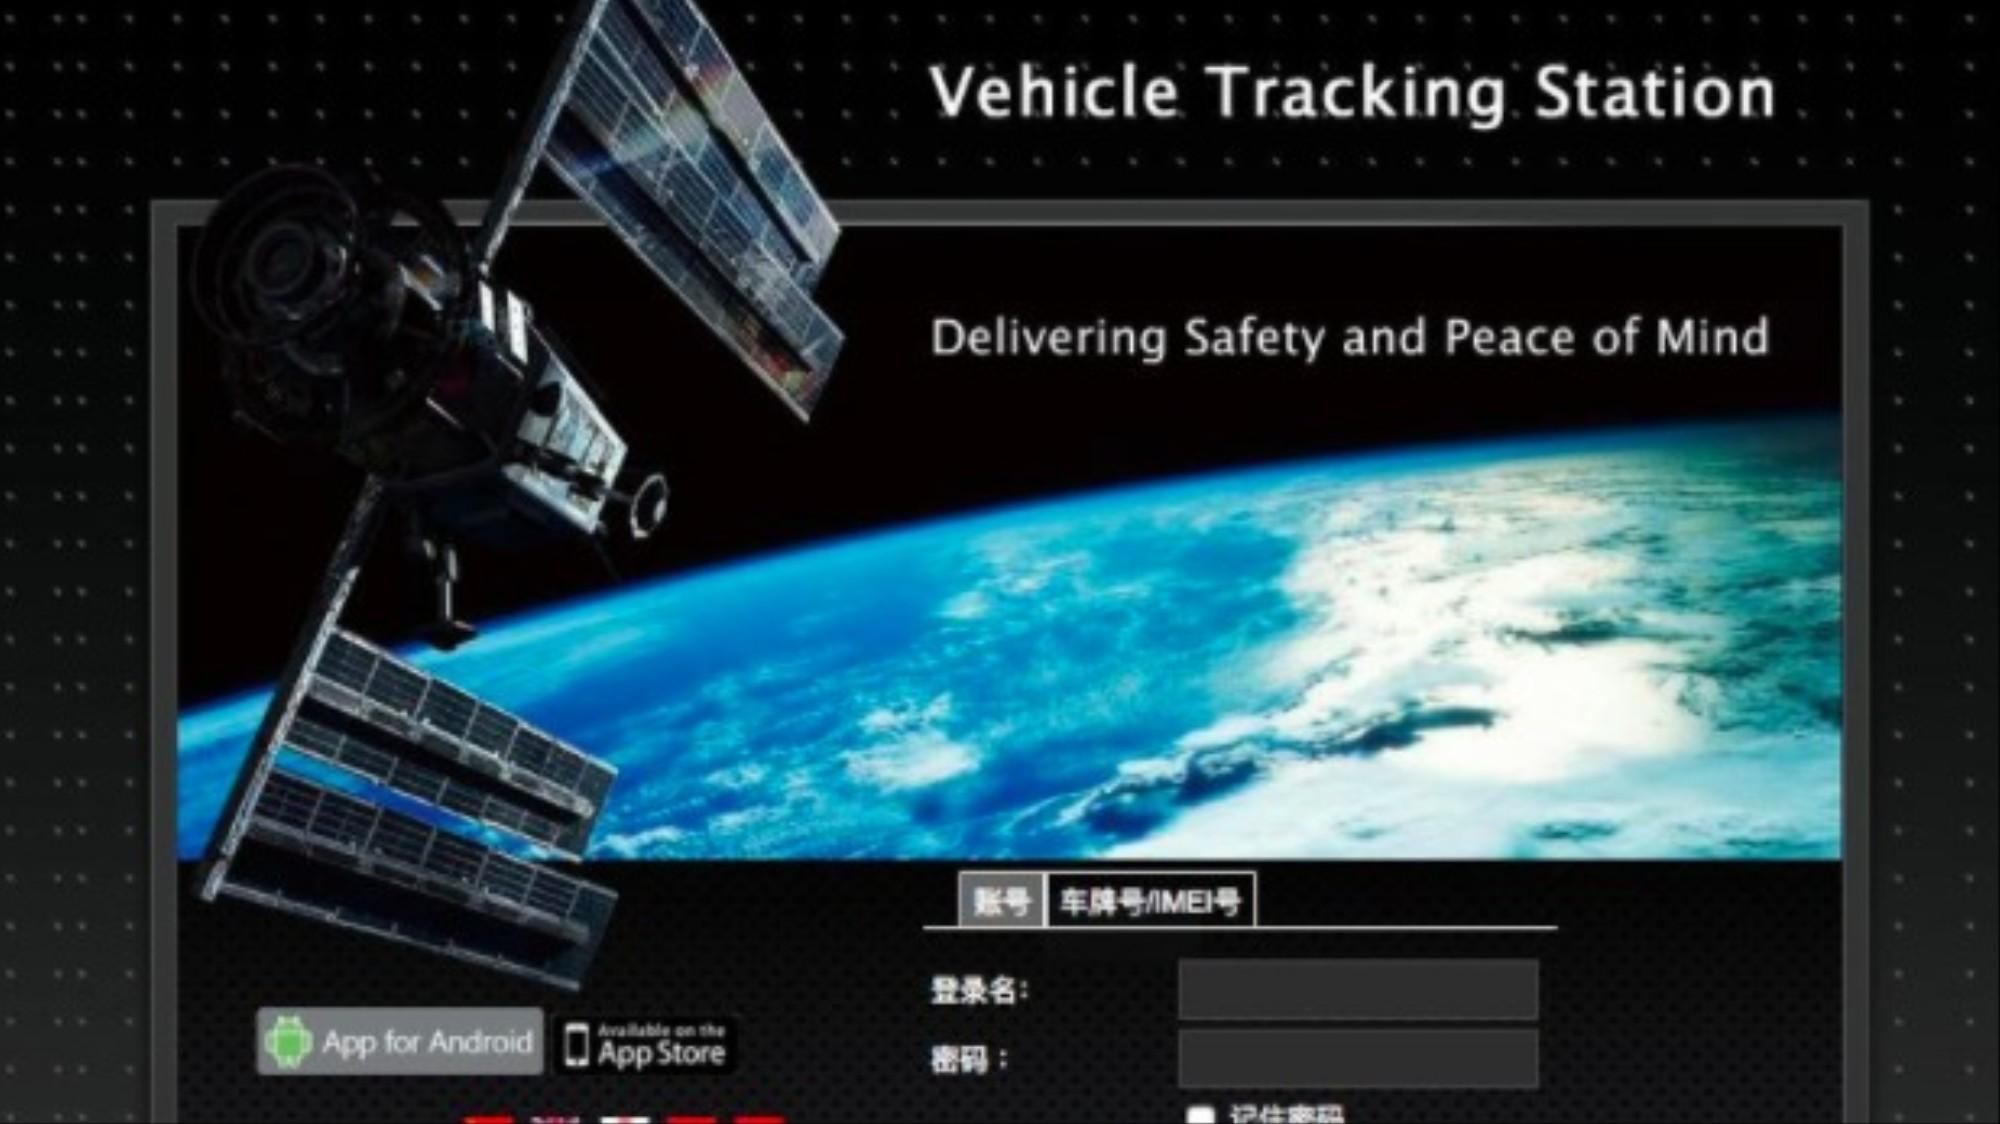 Trackmaggedon: honderden gps-trackers lekken locatiegegevens - VICE